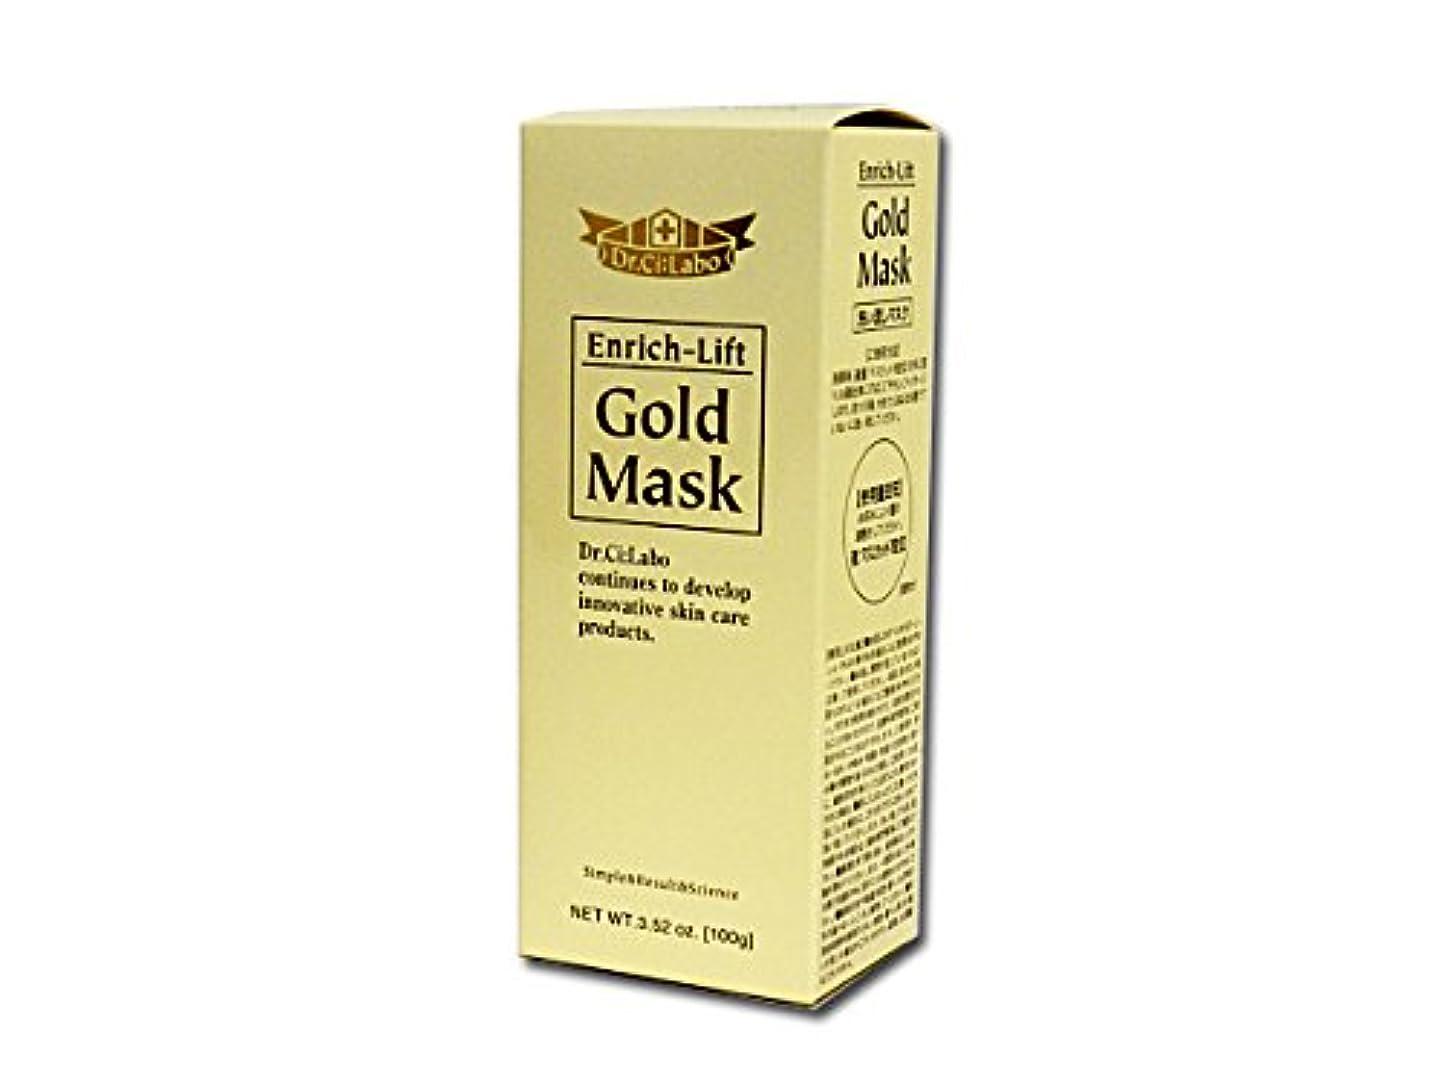 蒸発最適道に迷いましたドクターシーラボ エンリッチリフト ゴールドマスク 100g